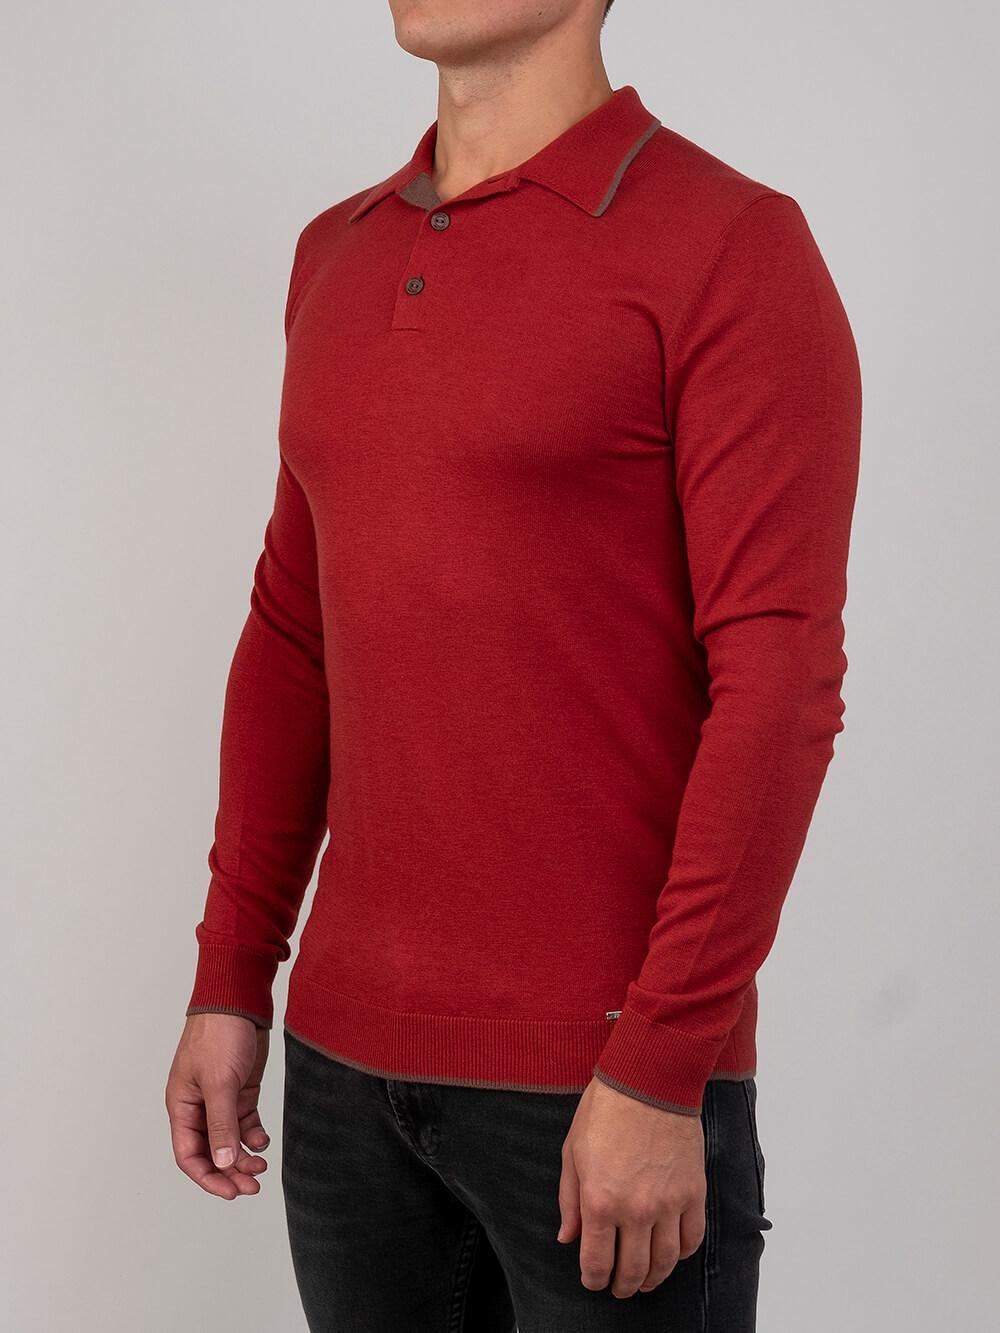 Мужской джемпер красного цвета из шерсти и шелка - фото 1